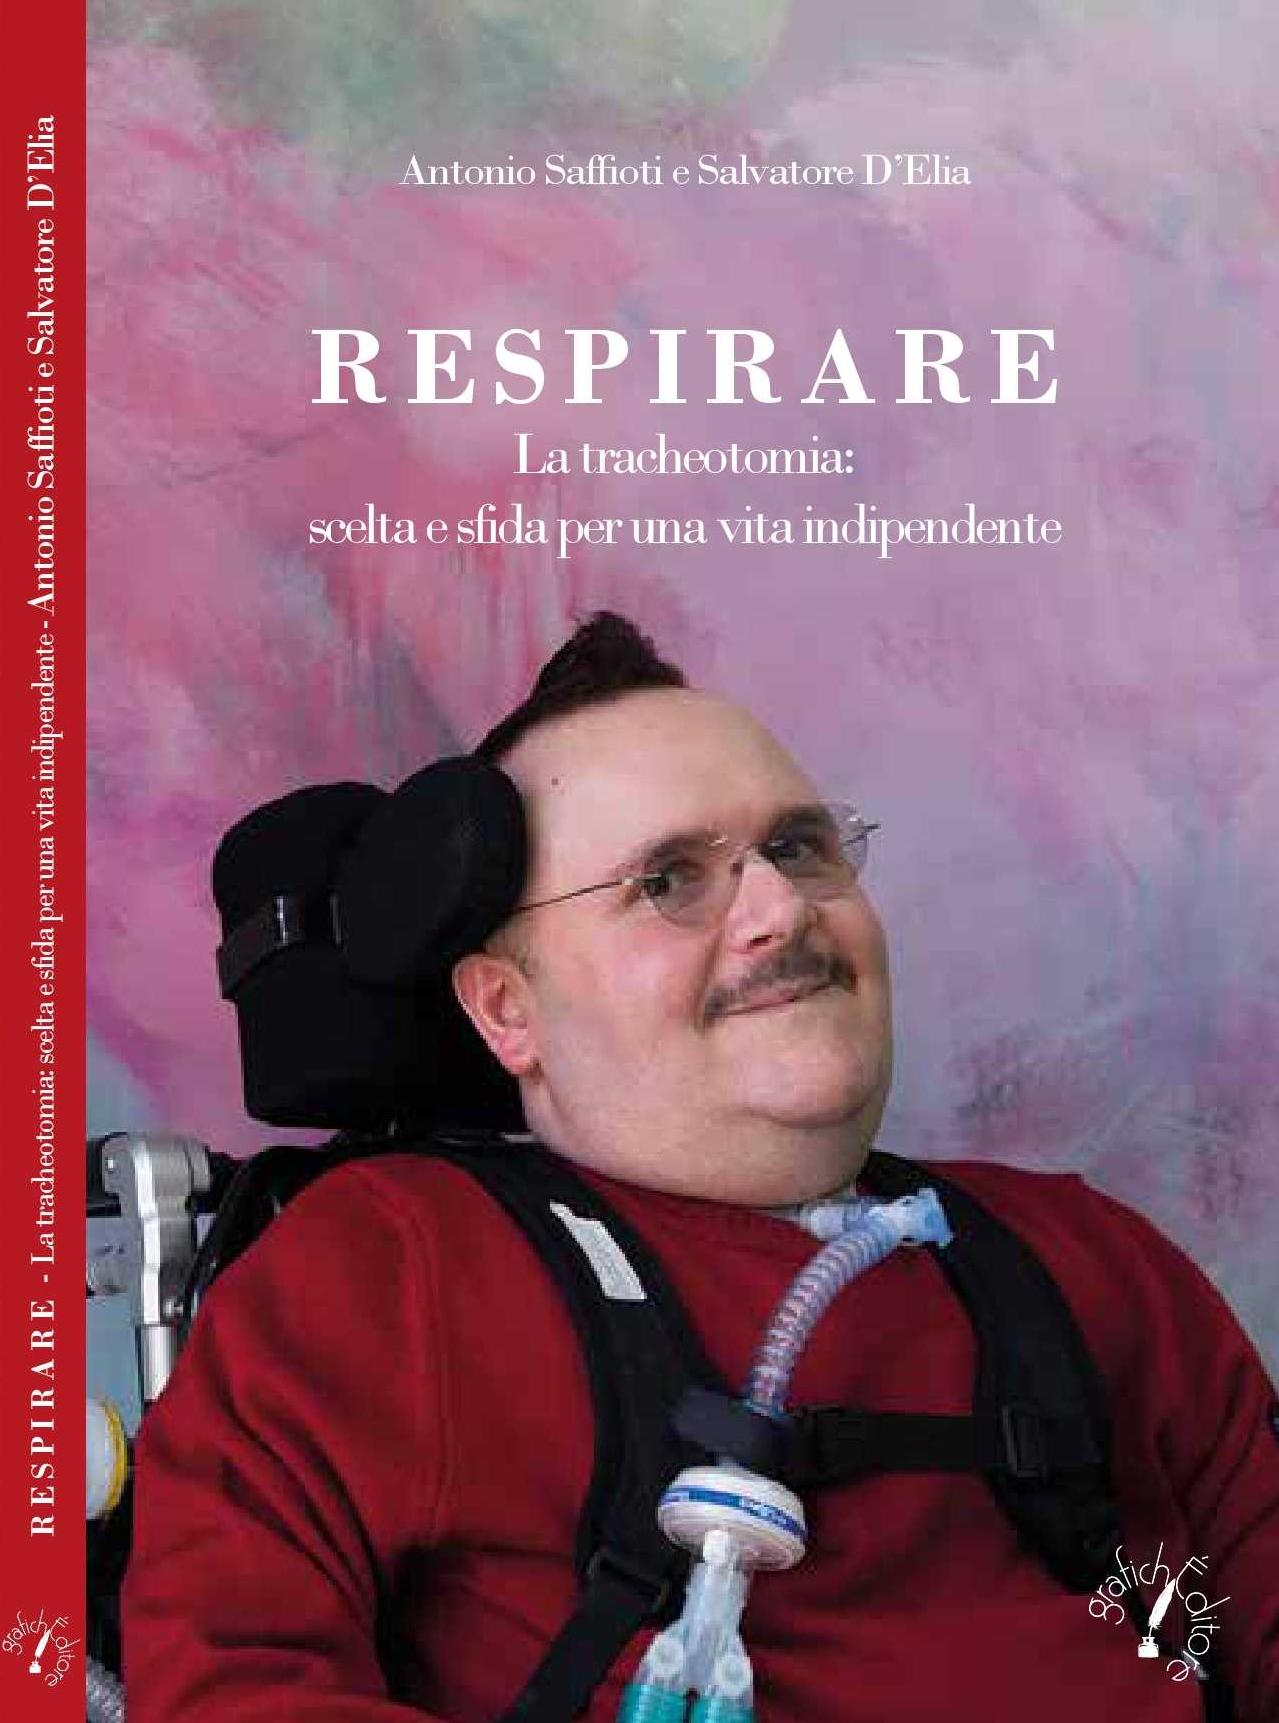 """""""Respirare"""" il nuovo racconto di vita di Antonio Saffioti, la presentazione ufficiale venerdì 3 maggio"""